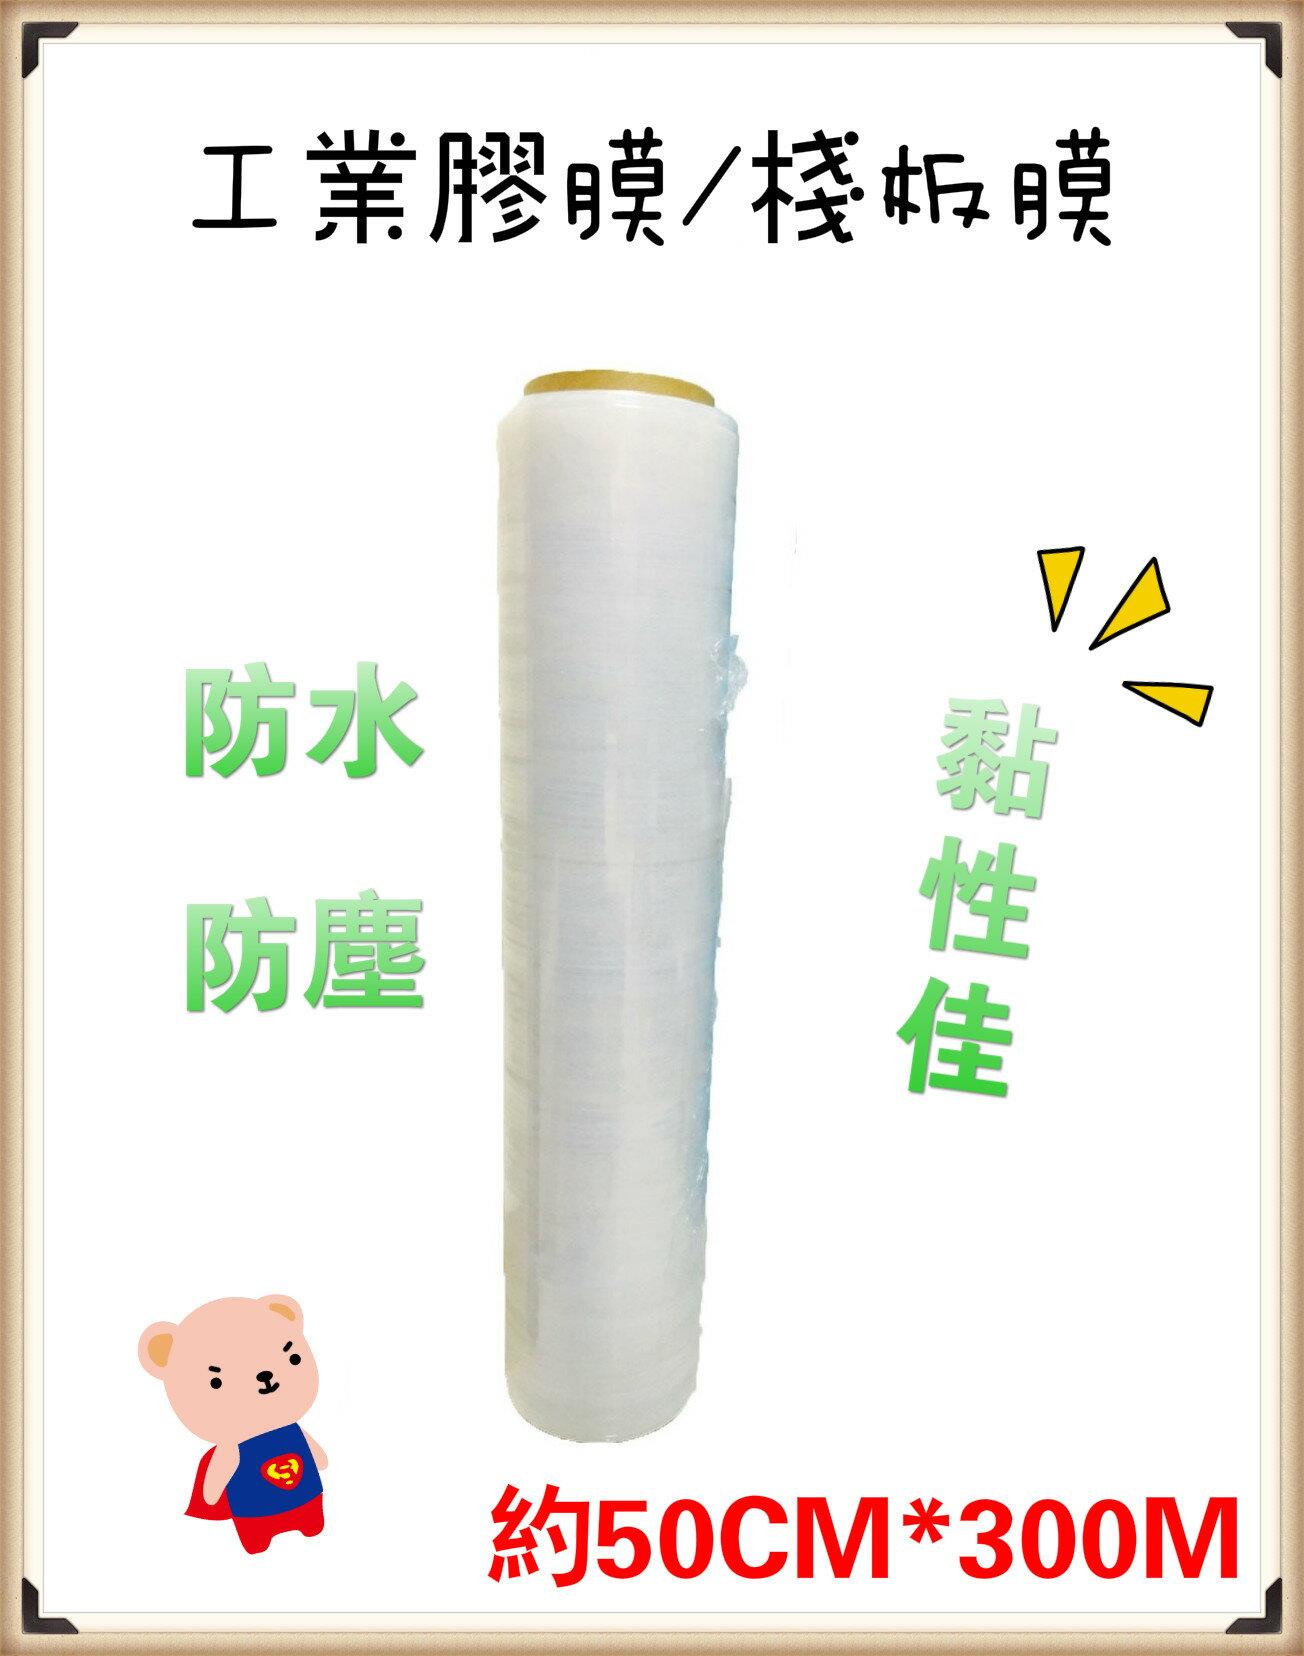 ❤含發票❤約50cm*300m一箱❤工業膠膜❤棧板模 / 棧板膜 / 膠帶 / 透明膠帶 / 膠膜 / PE膜 / 膠帶 / 包裝❤1713 0